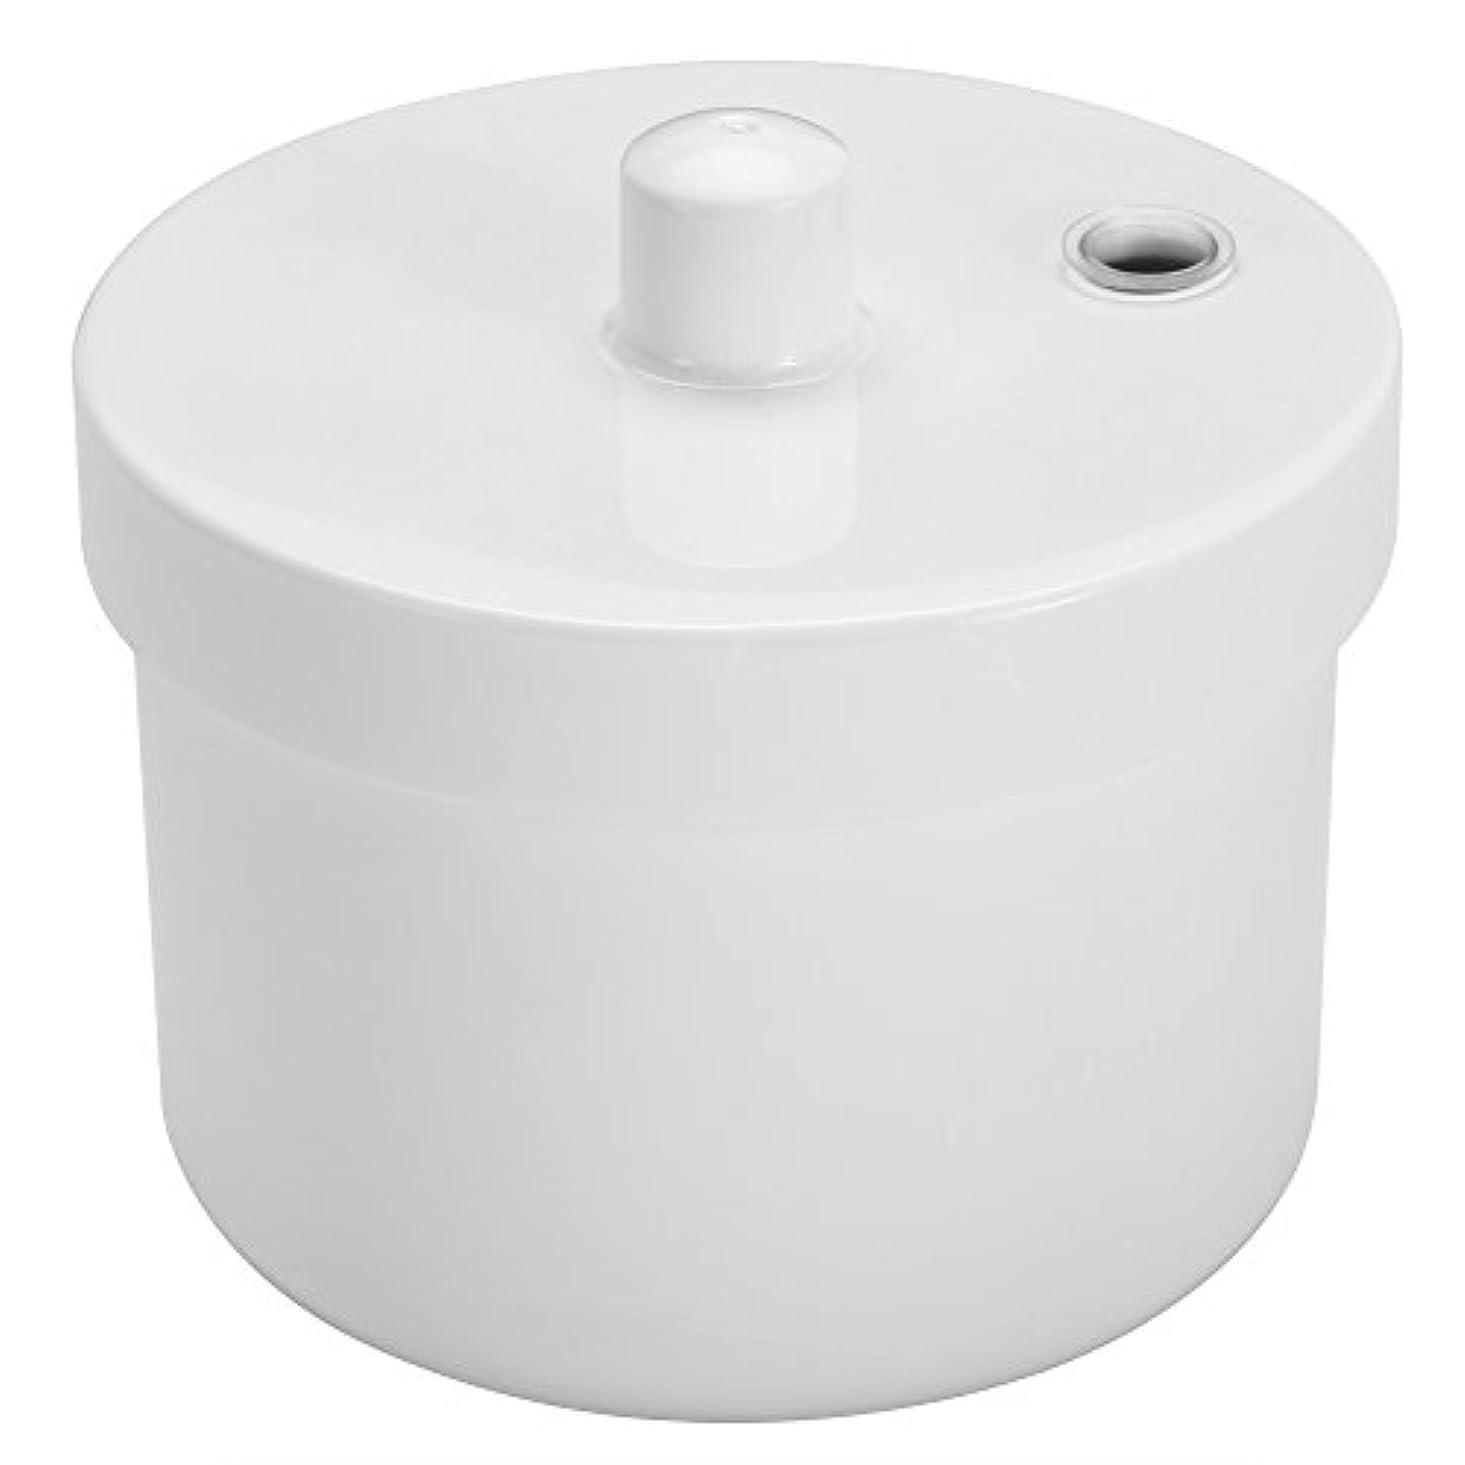 消毒の丸箱の滅菌装置の付属品